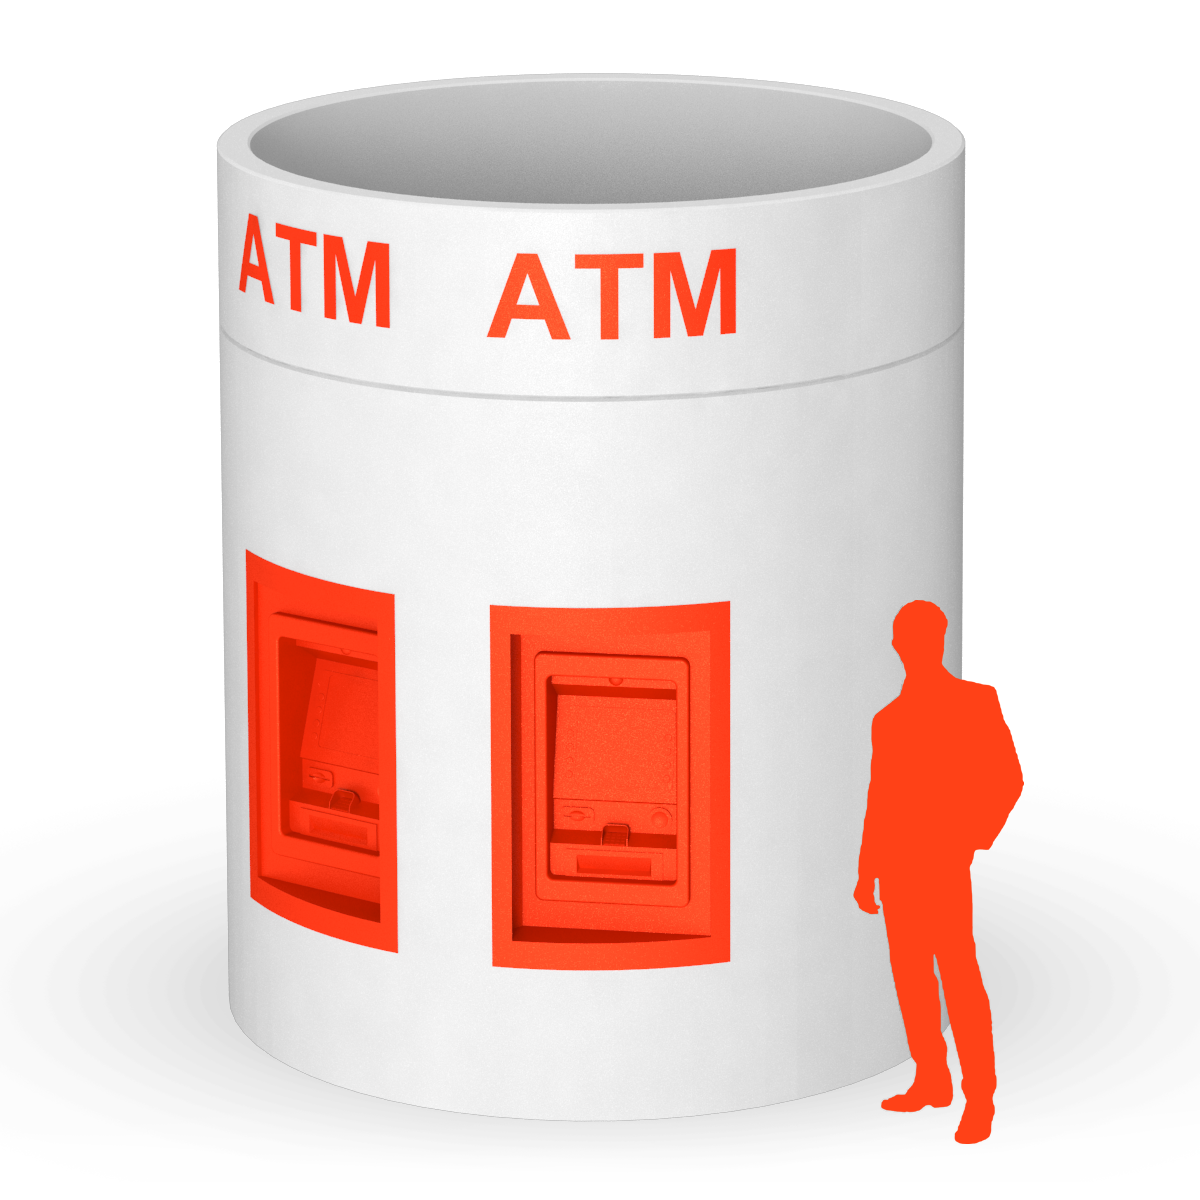 bboxx ATM 2 external ATMs